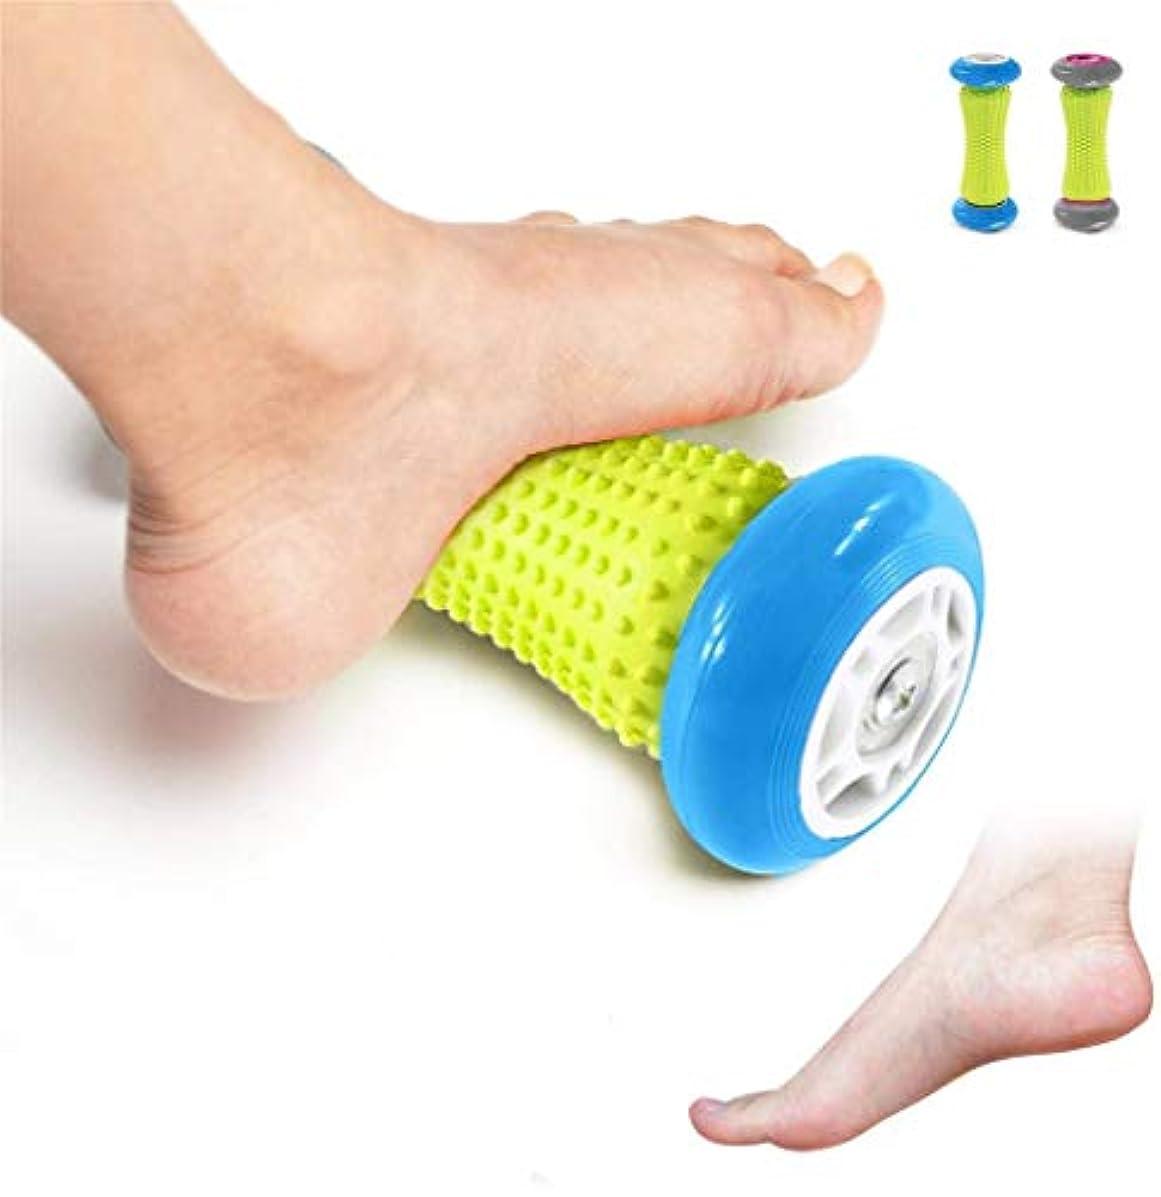 お尻パリティことわざフットマッサージローラー - 筋肉ローラースティック - 足底筋膜炎のための手首と前腕運動ローラー (Color : 青)